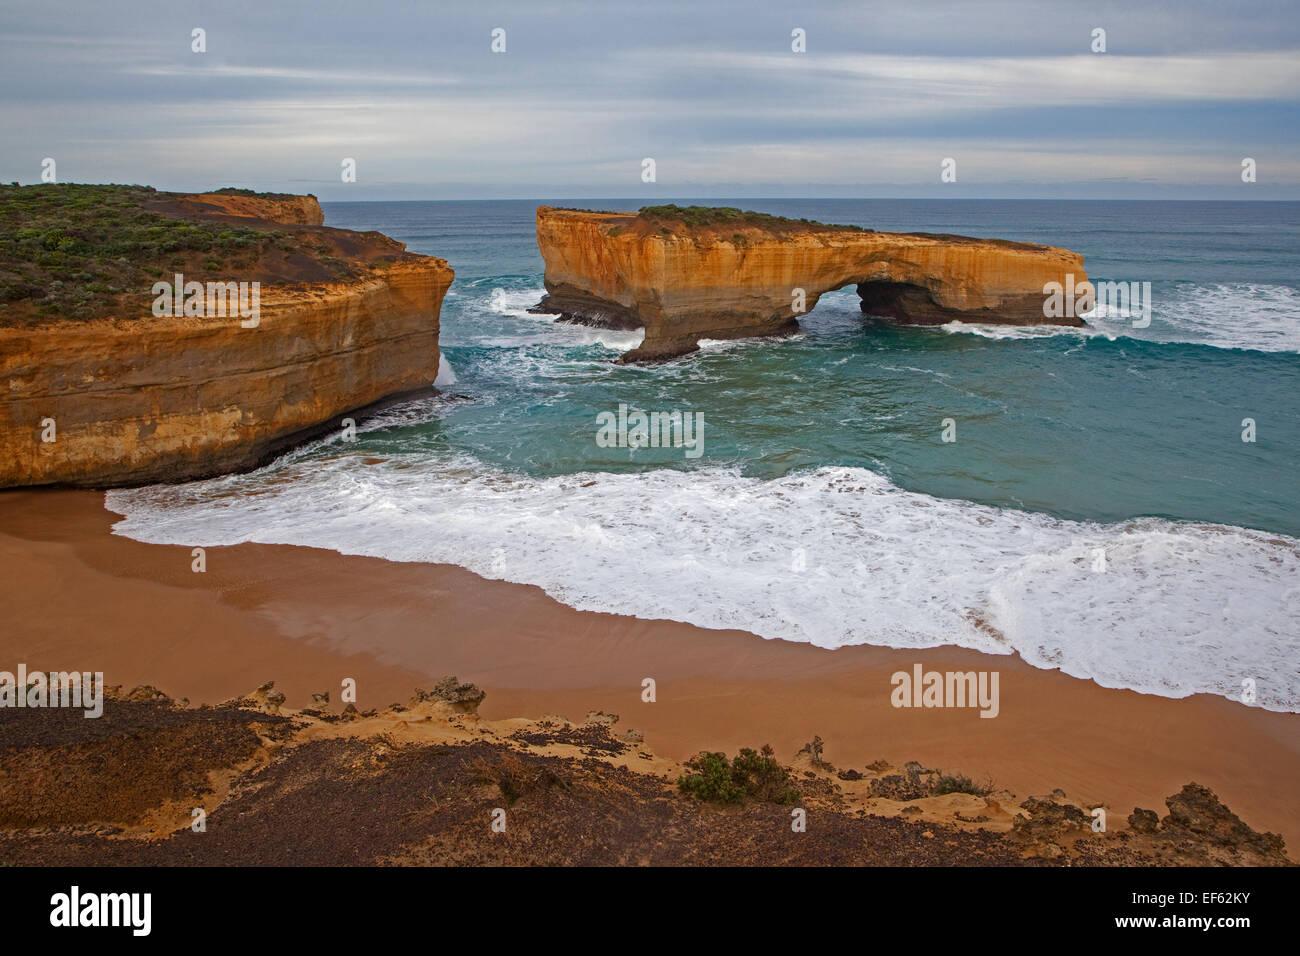 London Arch anciennement London Bridge est une arche naturelle formation dans le Port Campbell National Park, Australie Photo Stock